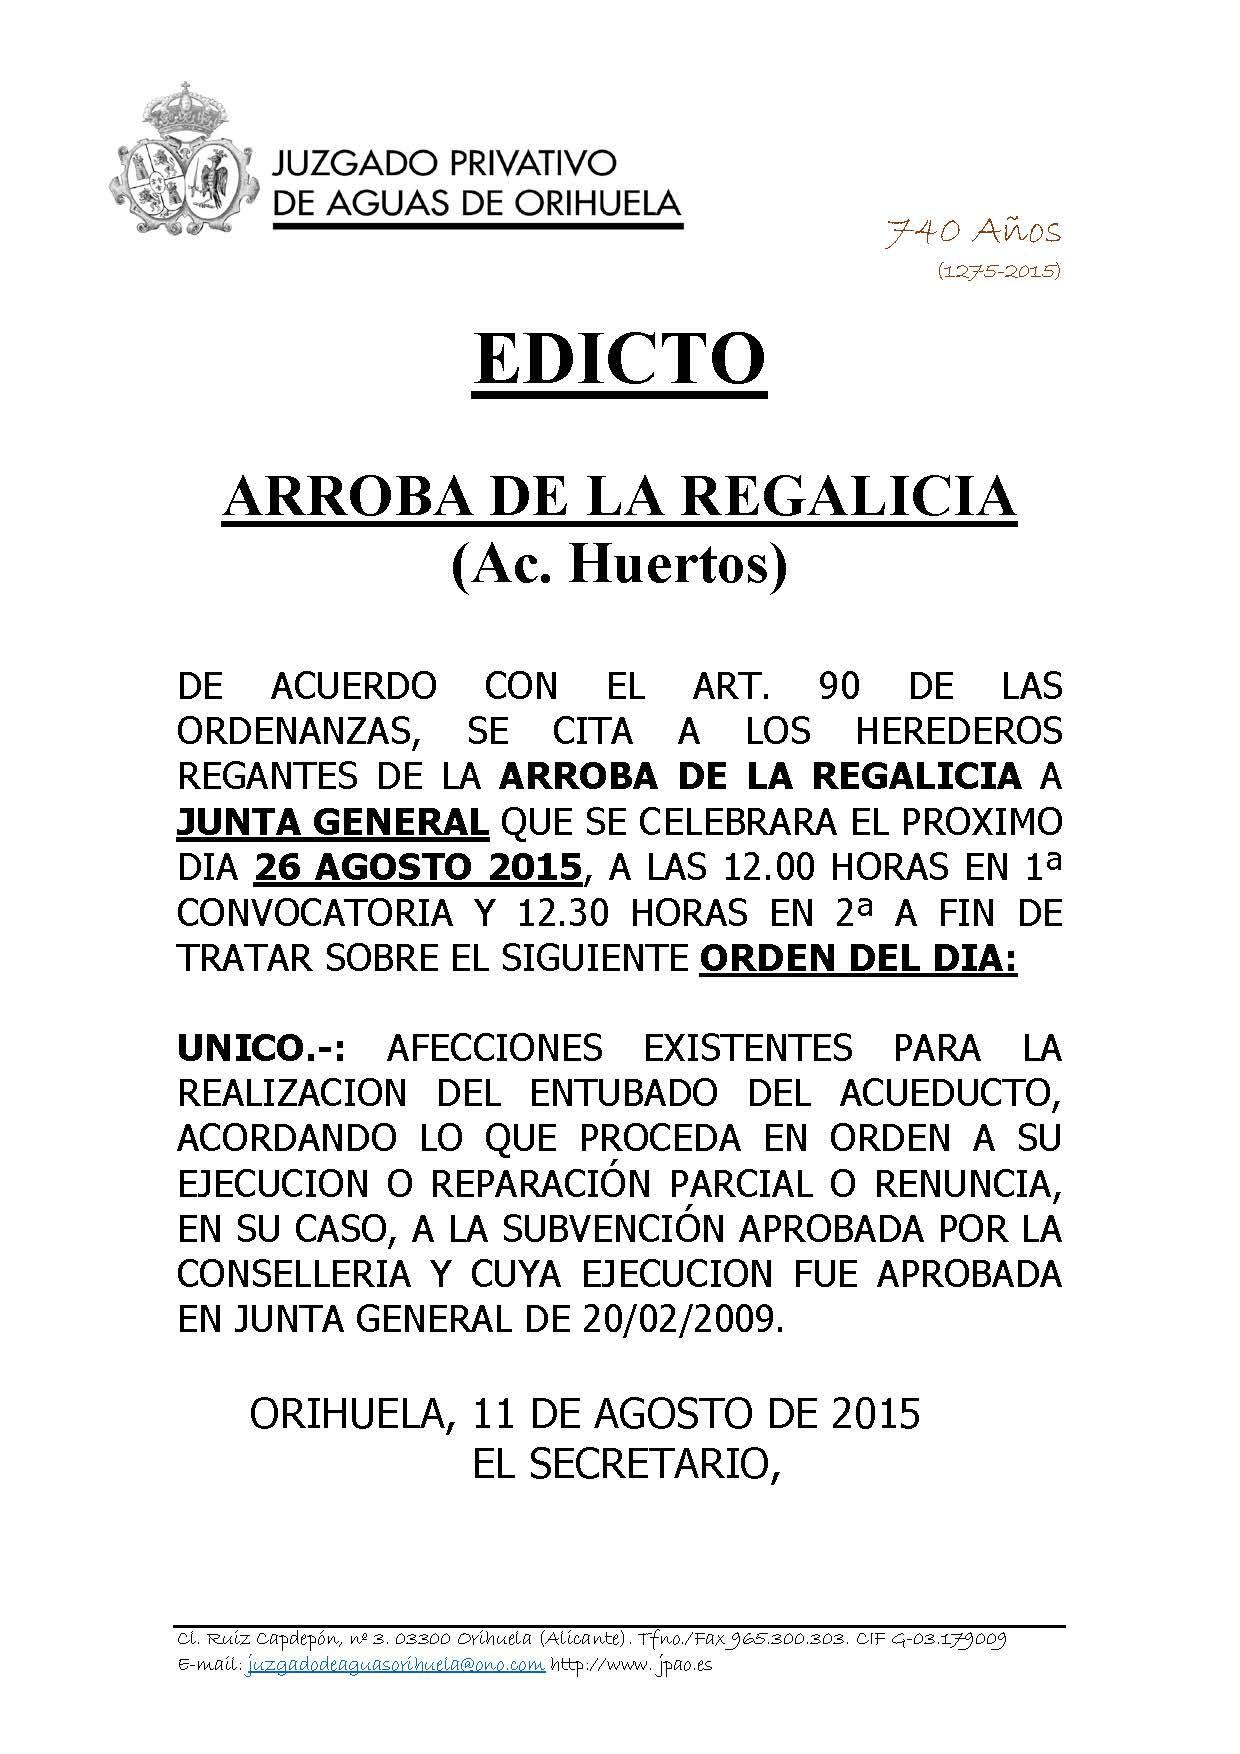 ARROBA DE LA REGALICIA. COMPARECENCIA EDICTO CITACION JUNTA 26082015